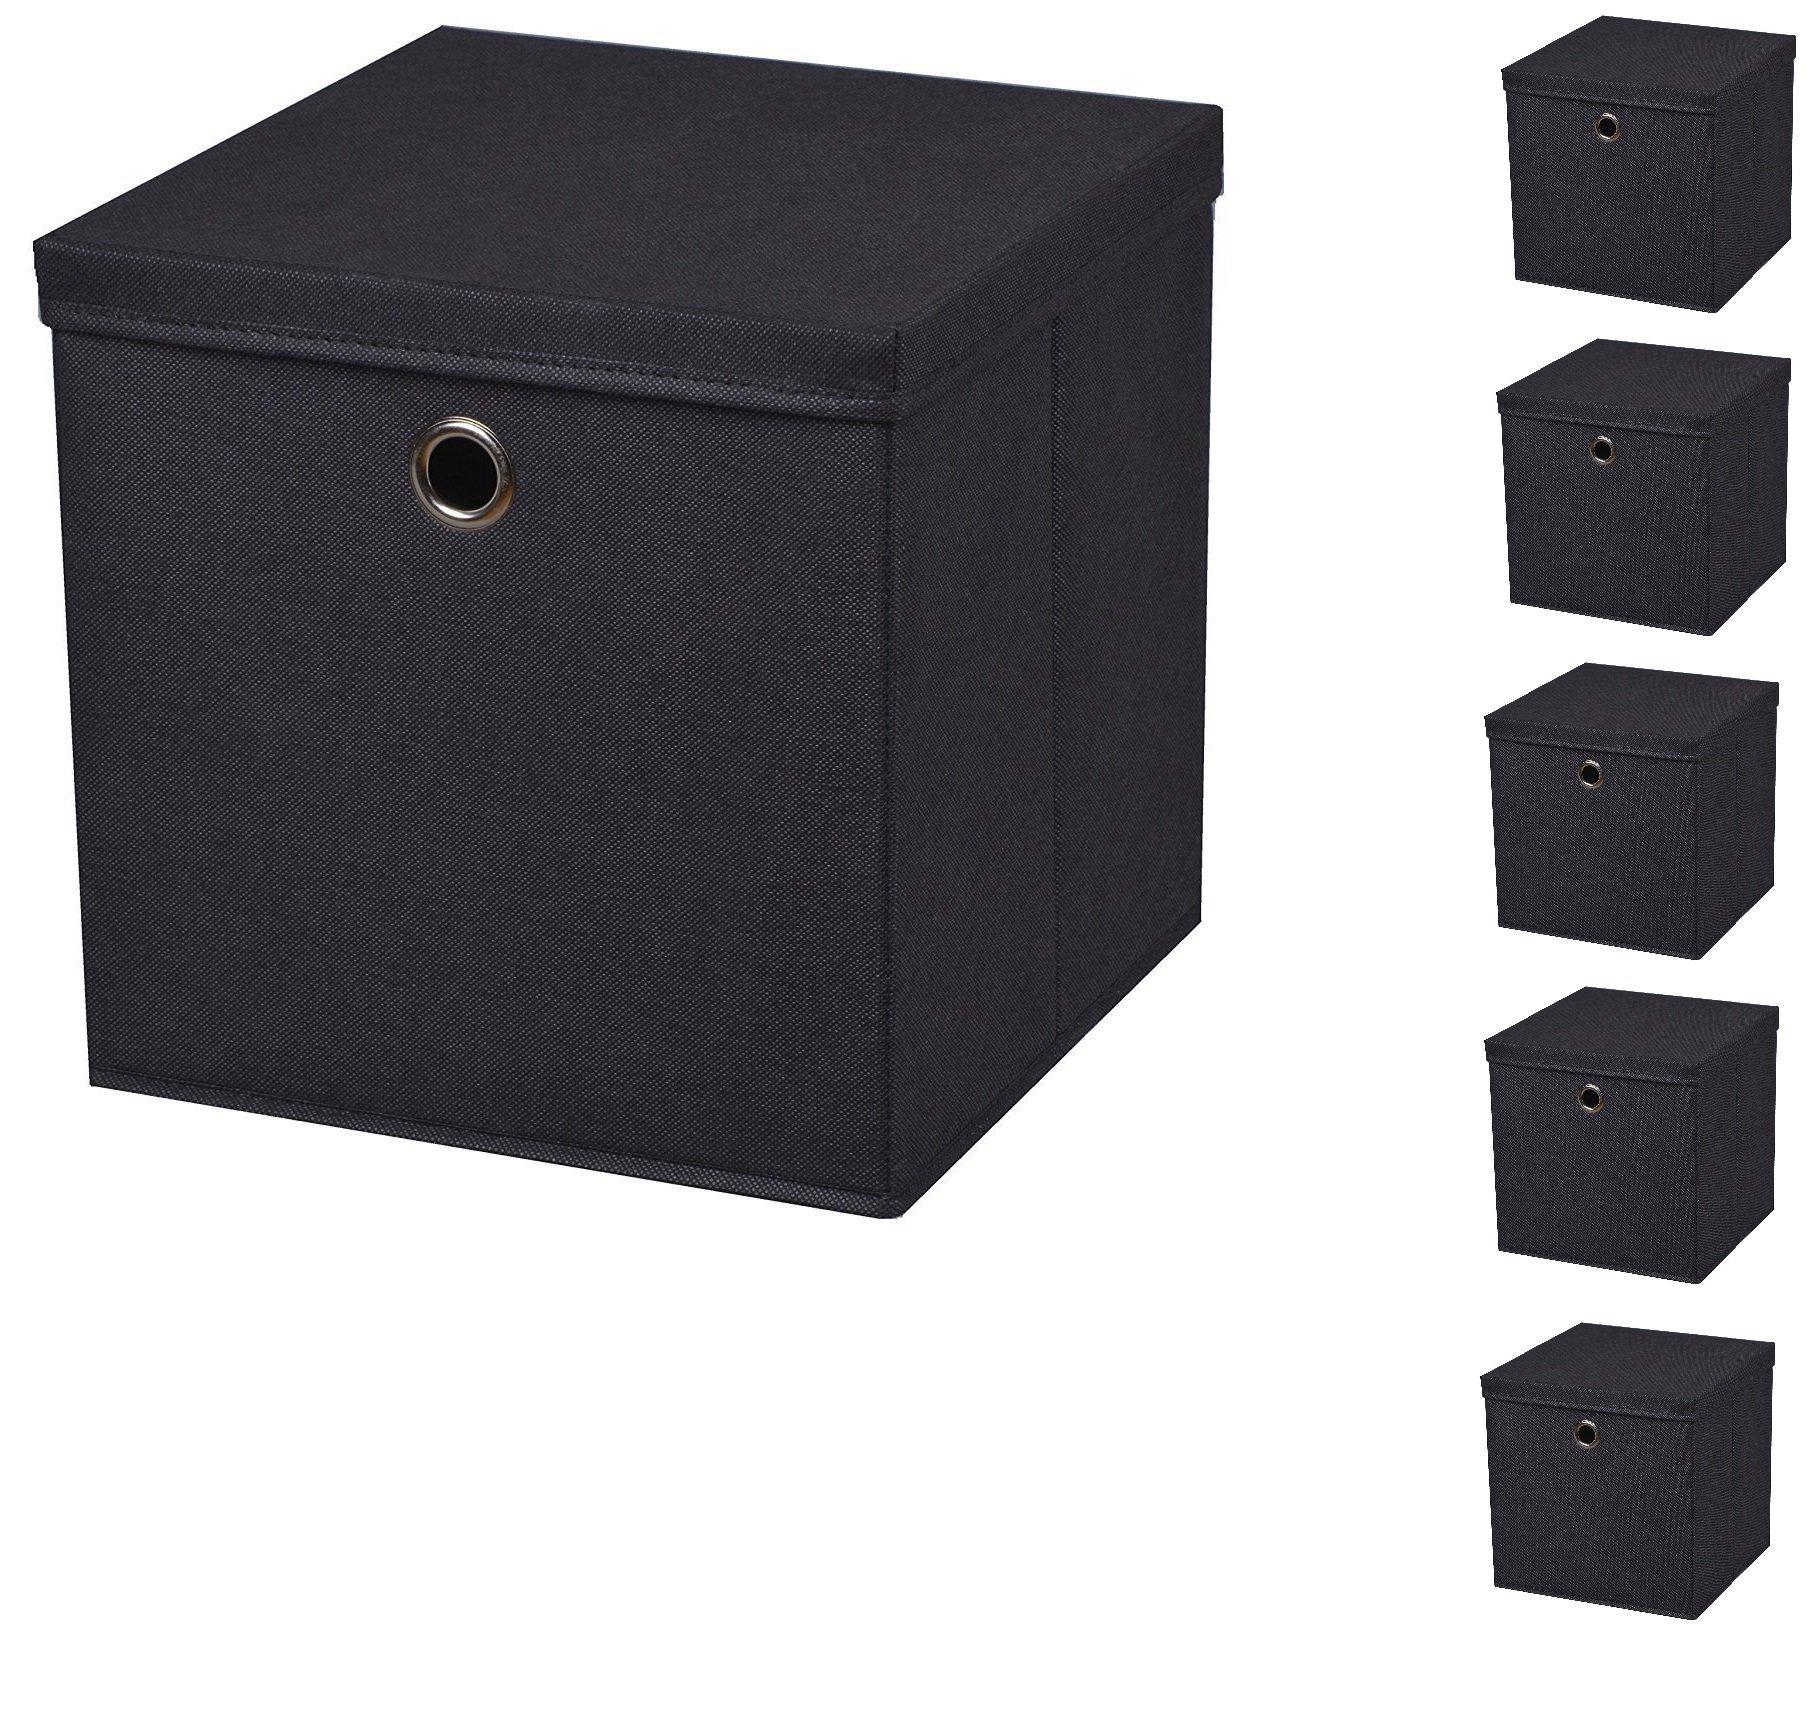 StickandShine 6 Pieza Negro Caja Plegable Boxas 28 x 28 x 28 cm en Tejido Caja de almacenaje Plegable con Tapa (mit Deckel): Amazon.es: Hogar